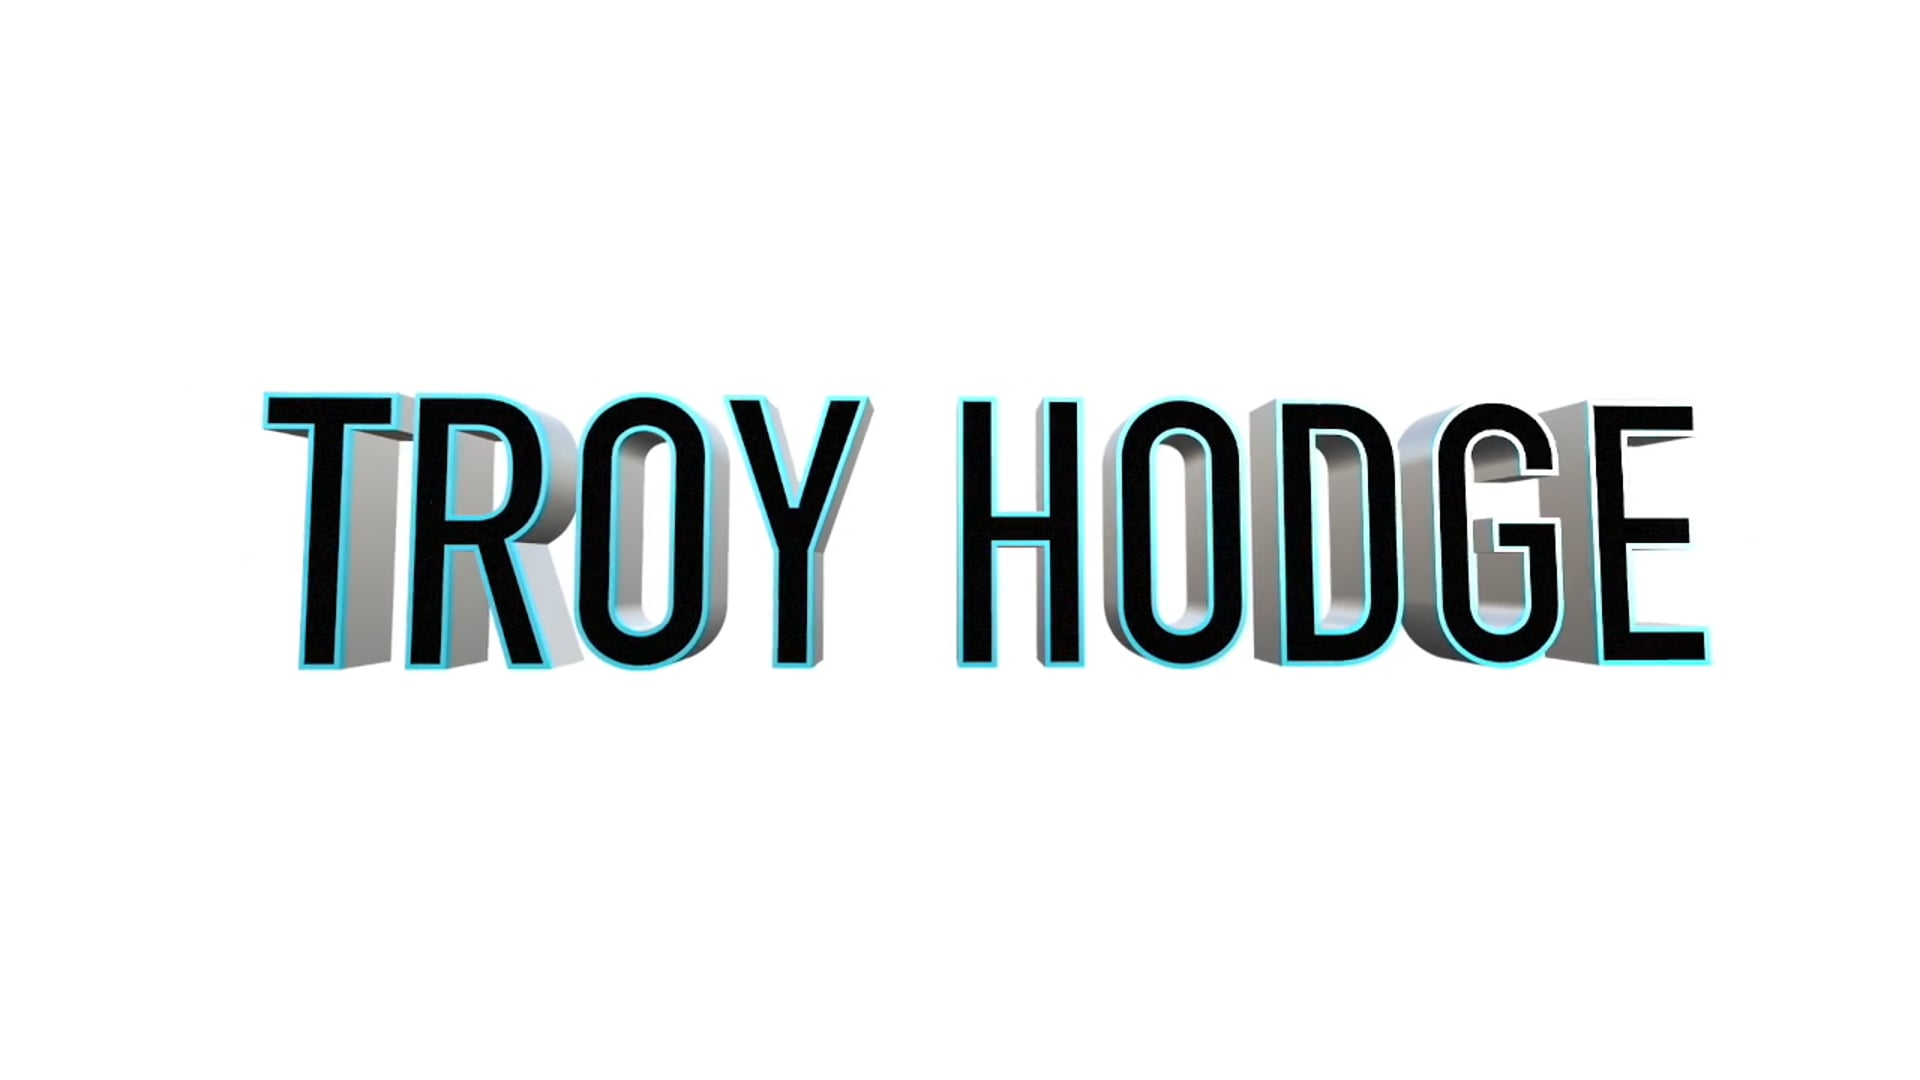 Troy Hodge Demo Reel 2016